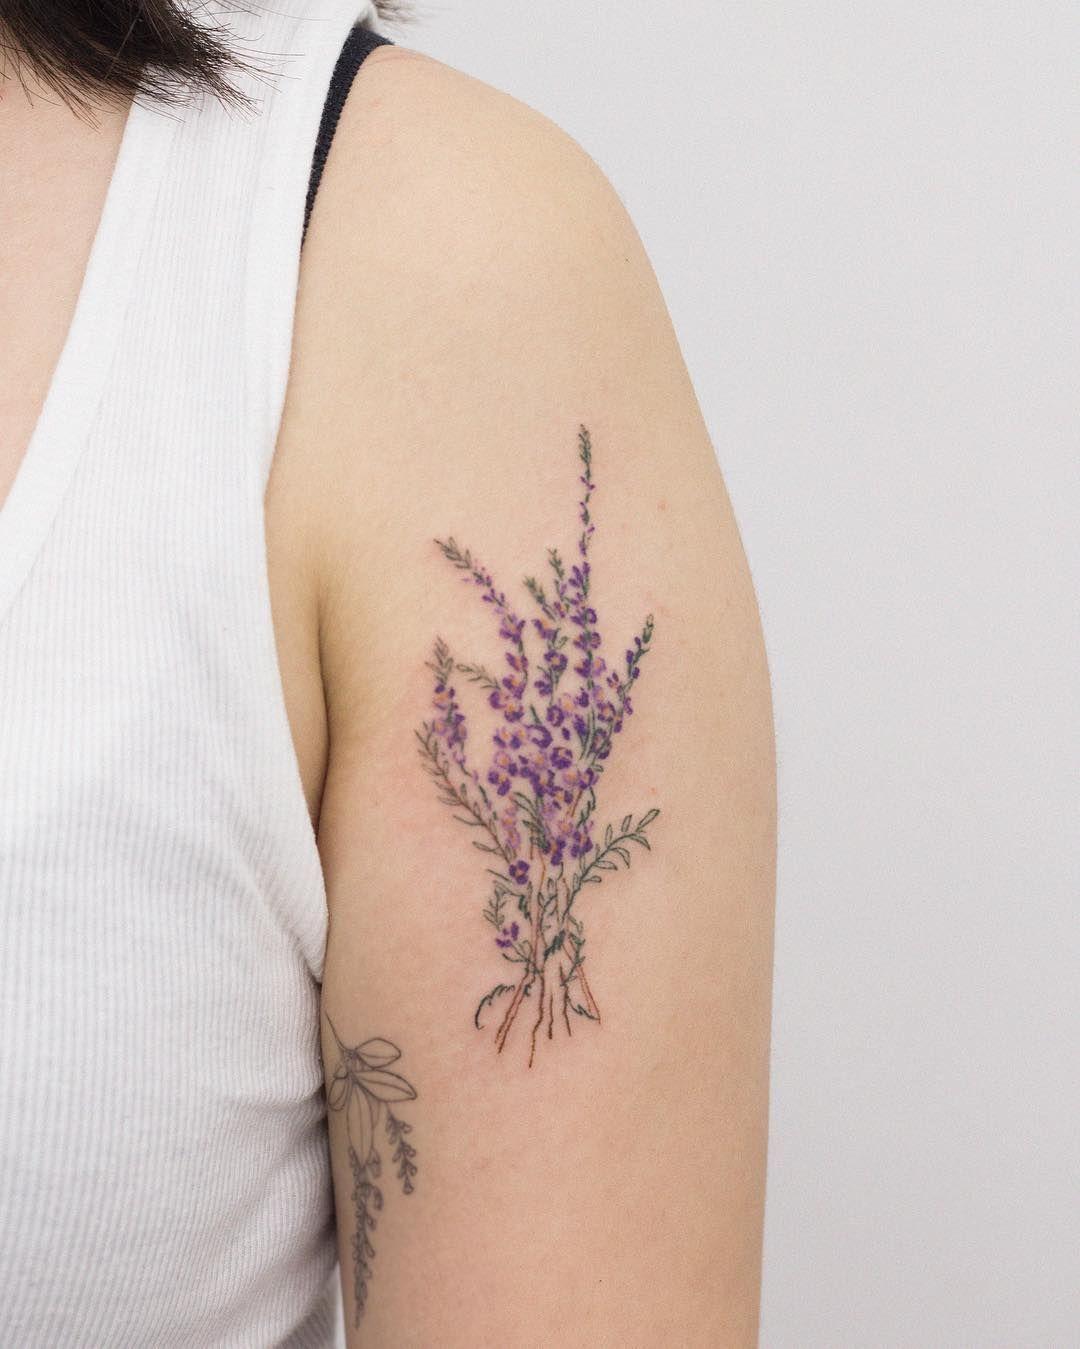 Dareum Darm Tattoo On Instagram Heather Flower For Heather Studio My O So Dareum Darm Flower Heather In 2020 Heather Flower Tattoos Cute Tattoos For Women